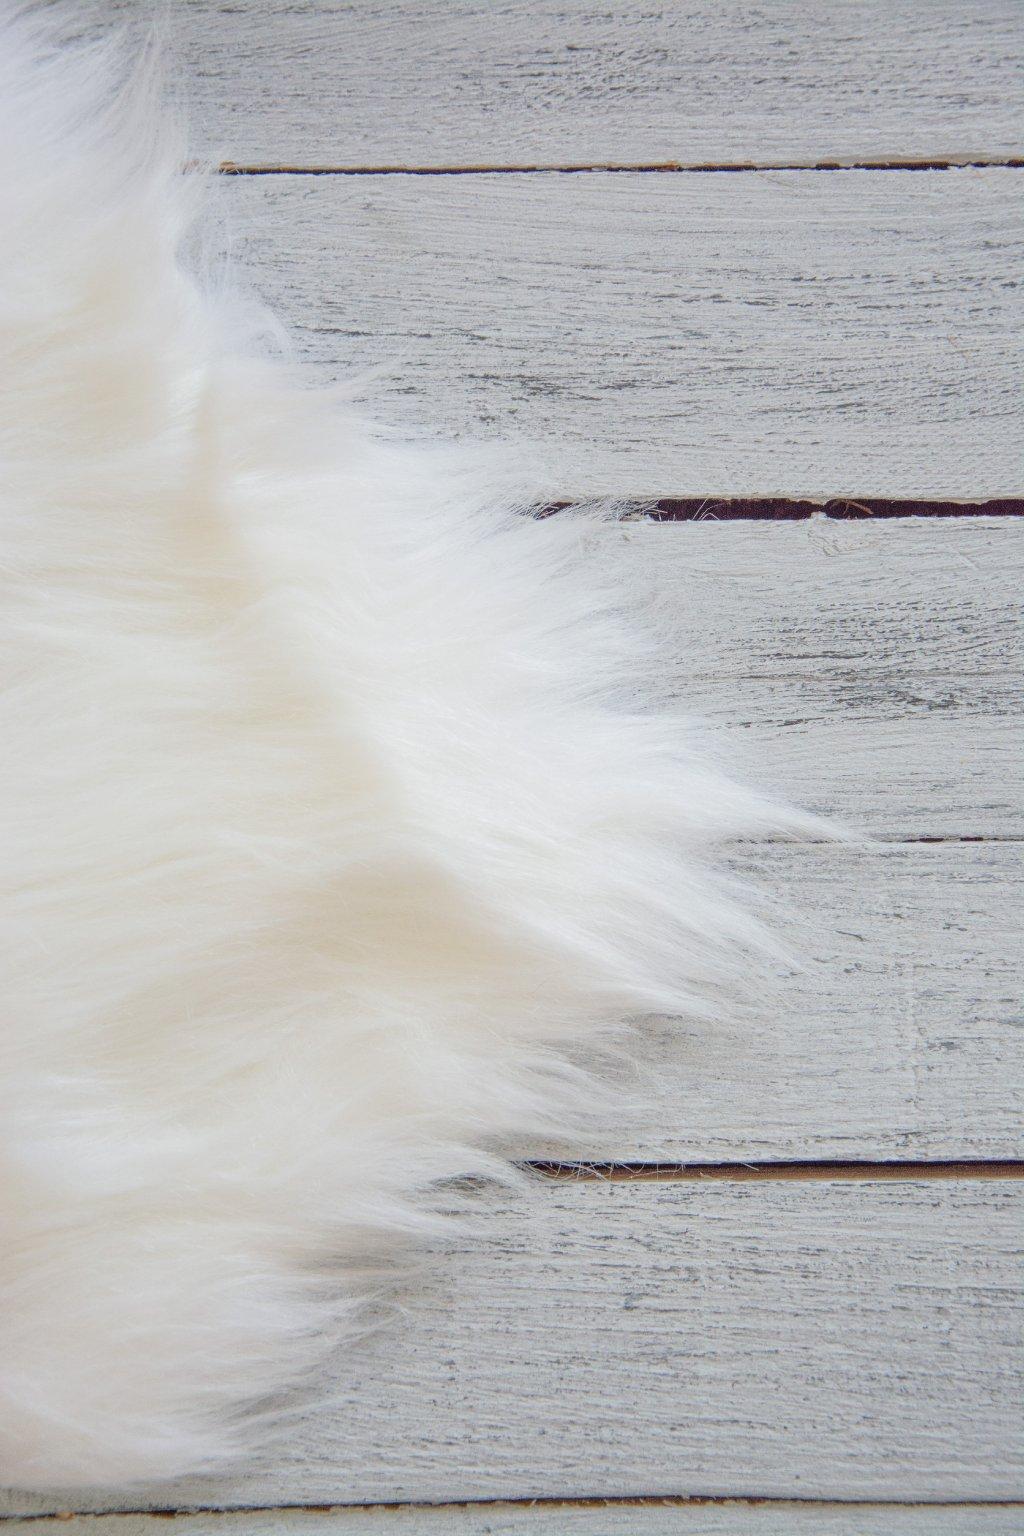 bíla kožešina dlouhý chlup